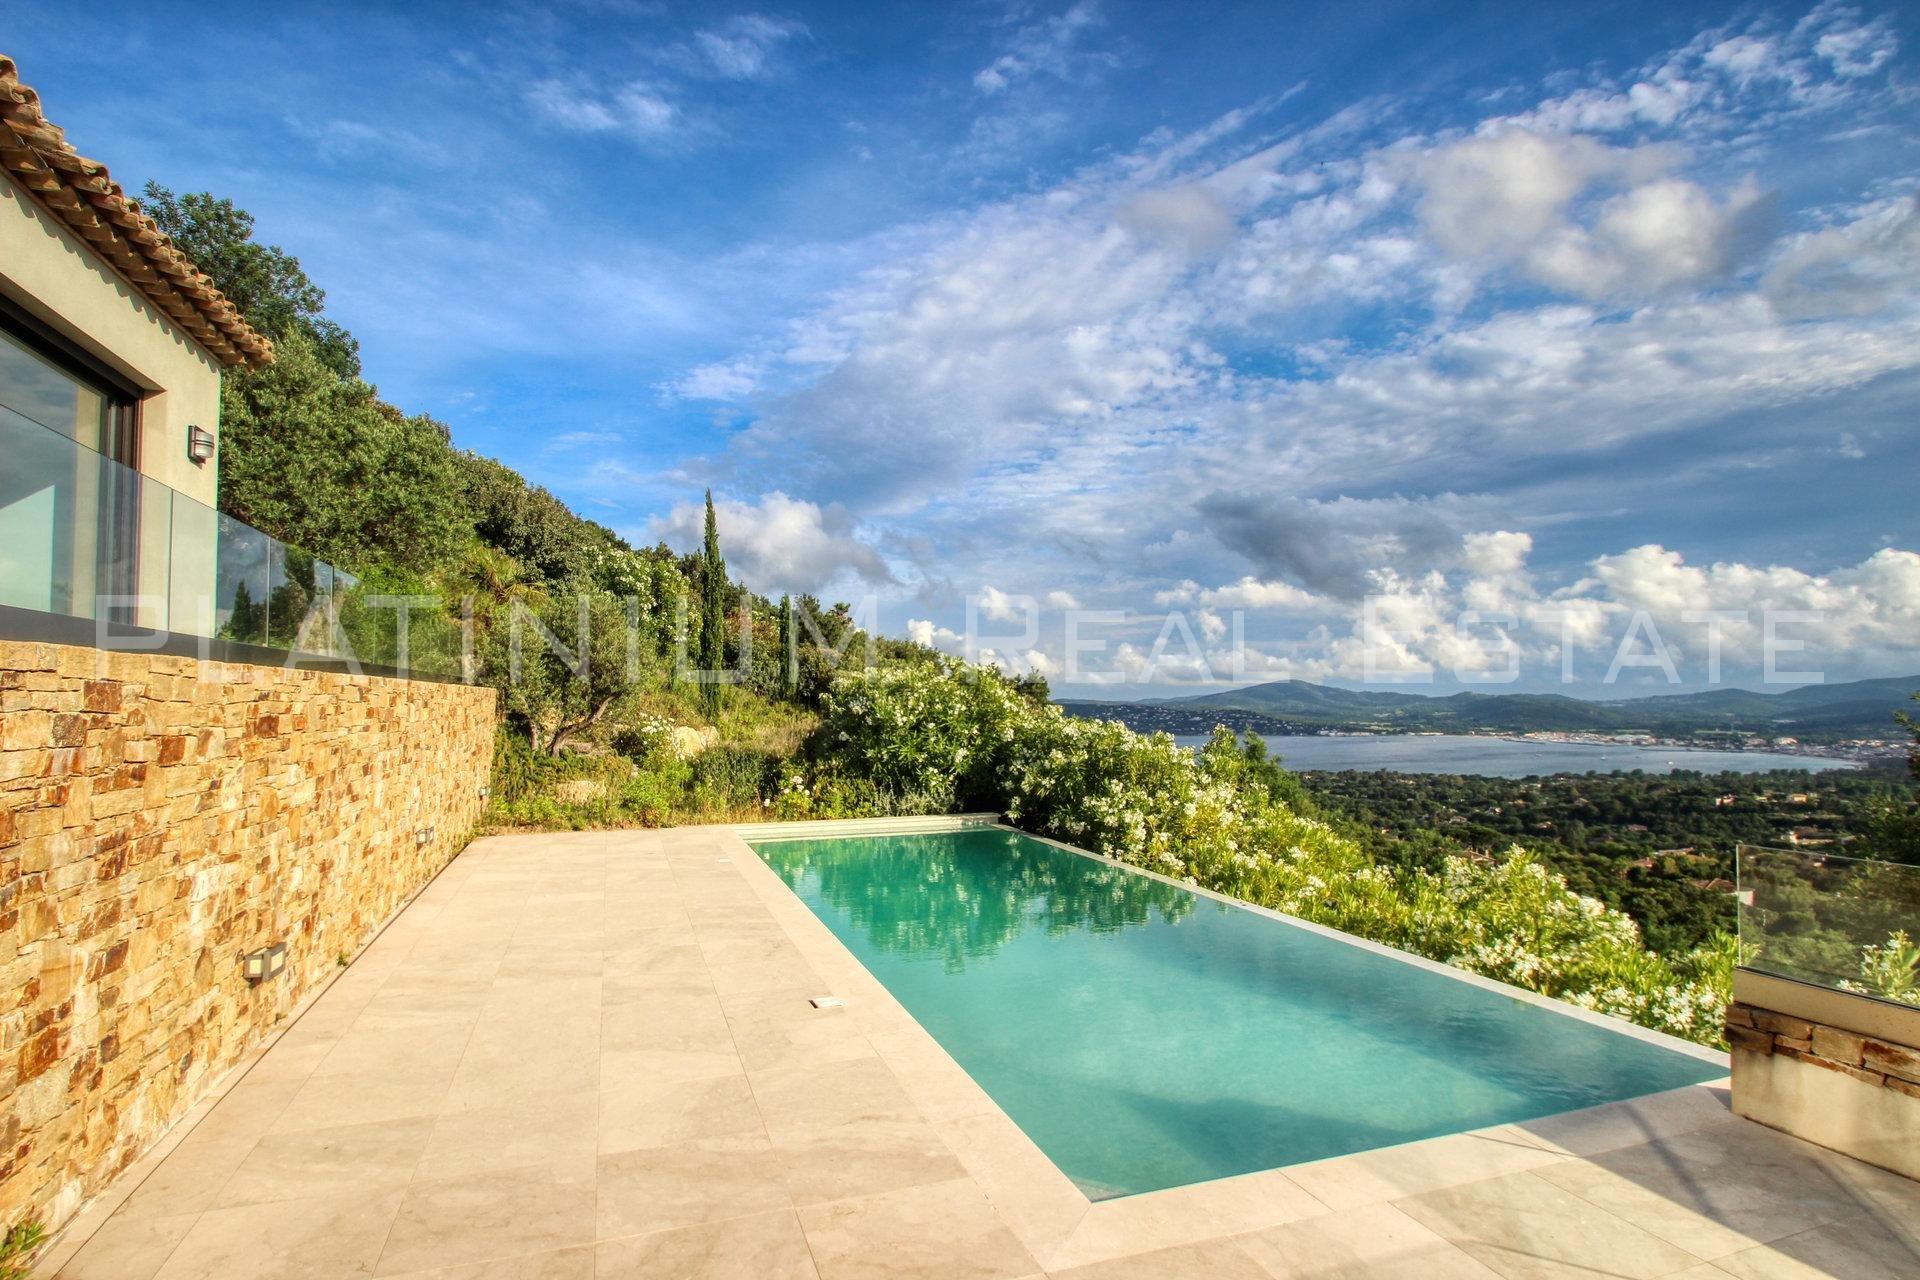 GRIMAUD - VILLA 266 m2 - 4 bedrooms - Panoramic sea view - Swimming pool